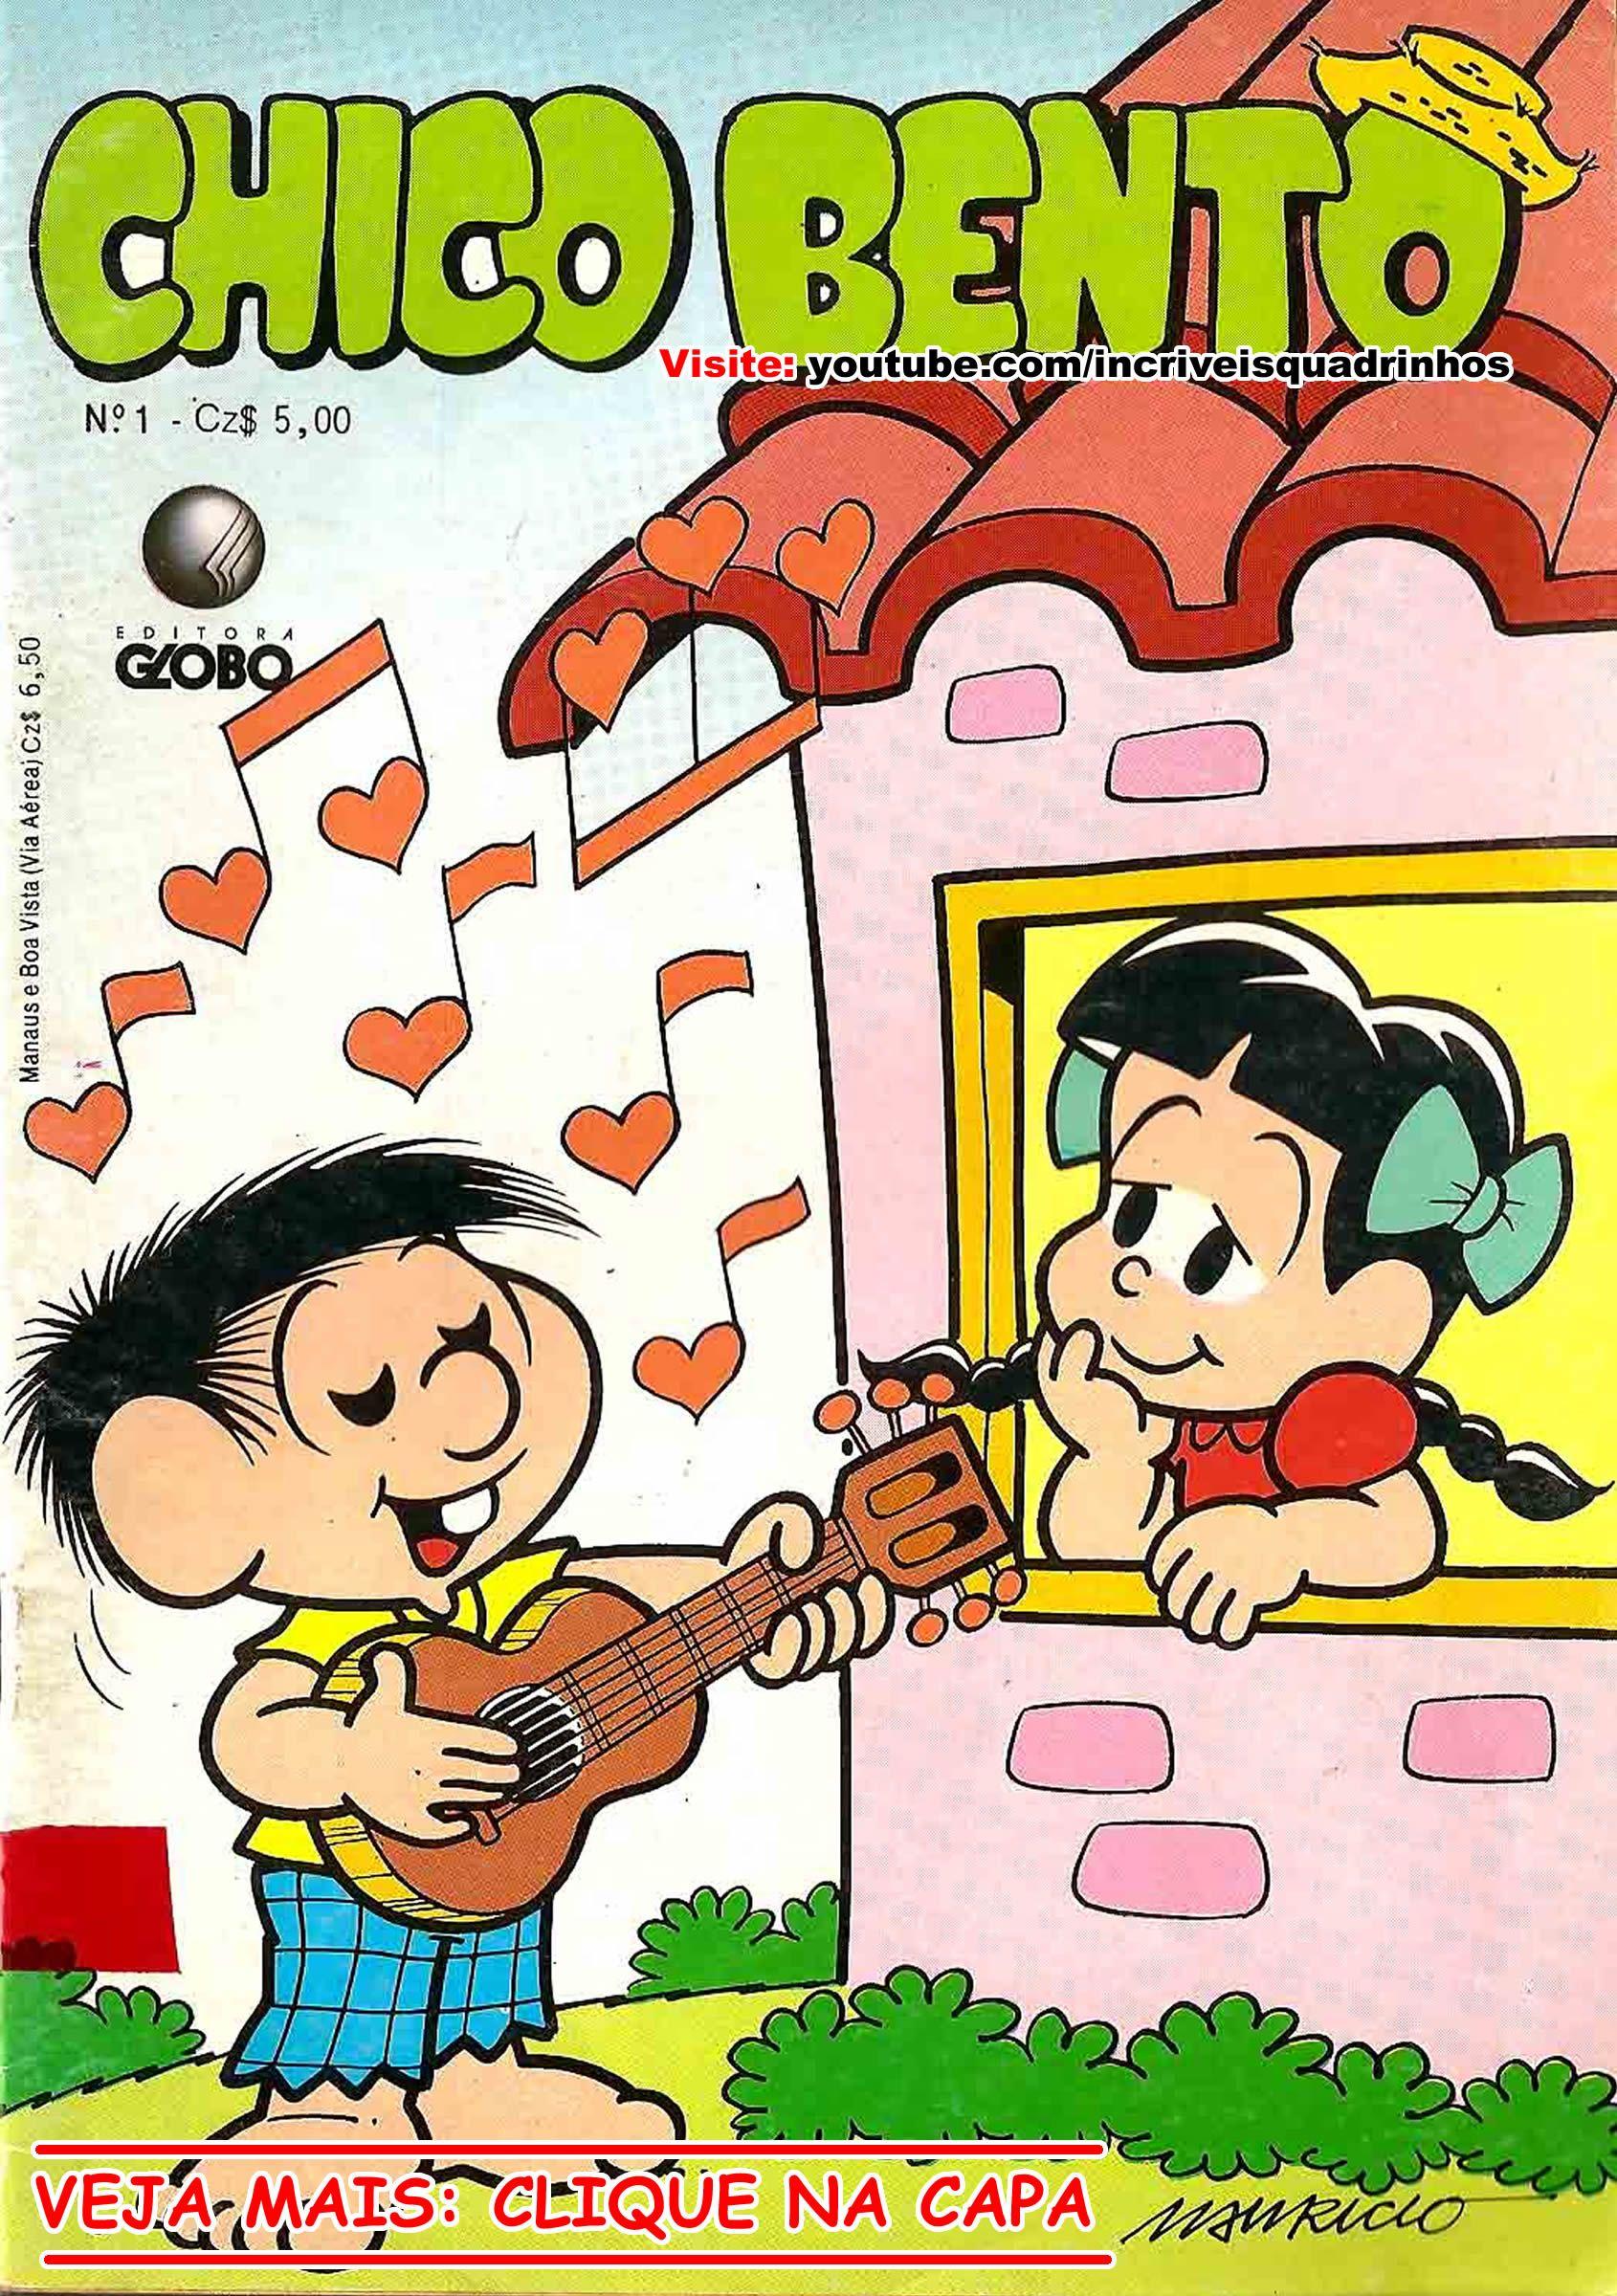 Revista Em Quadrinhos Do Chico Bento Nº 1 Editora Globo